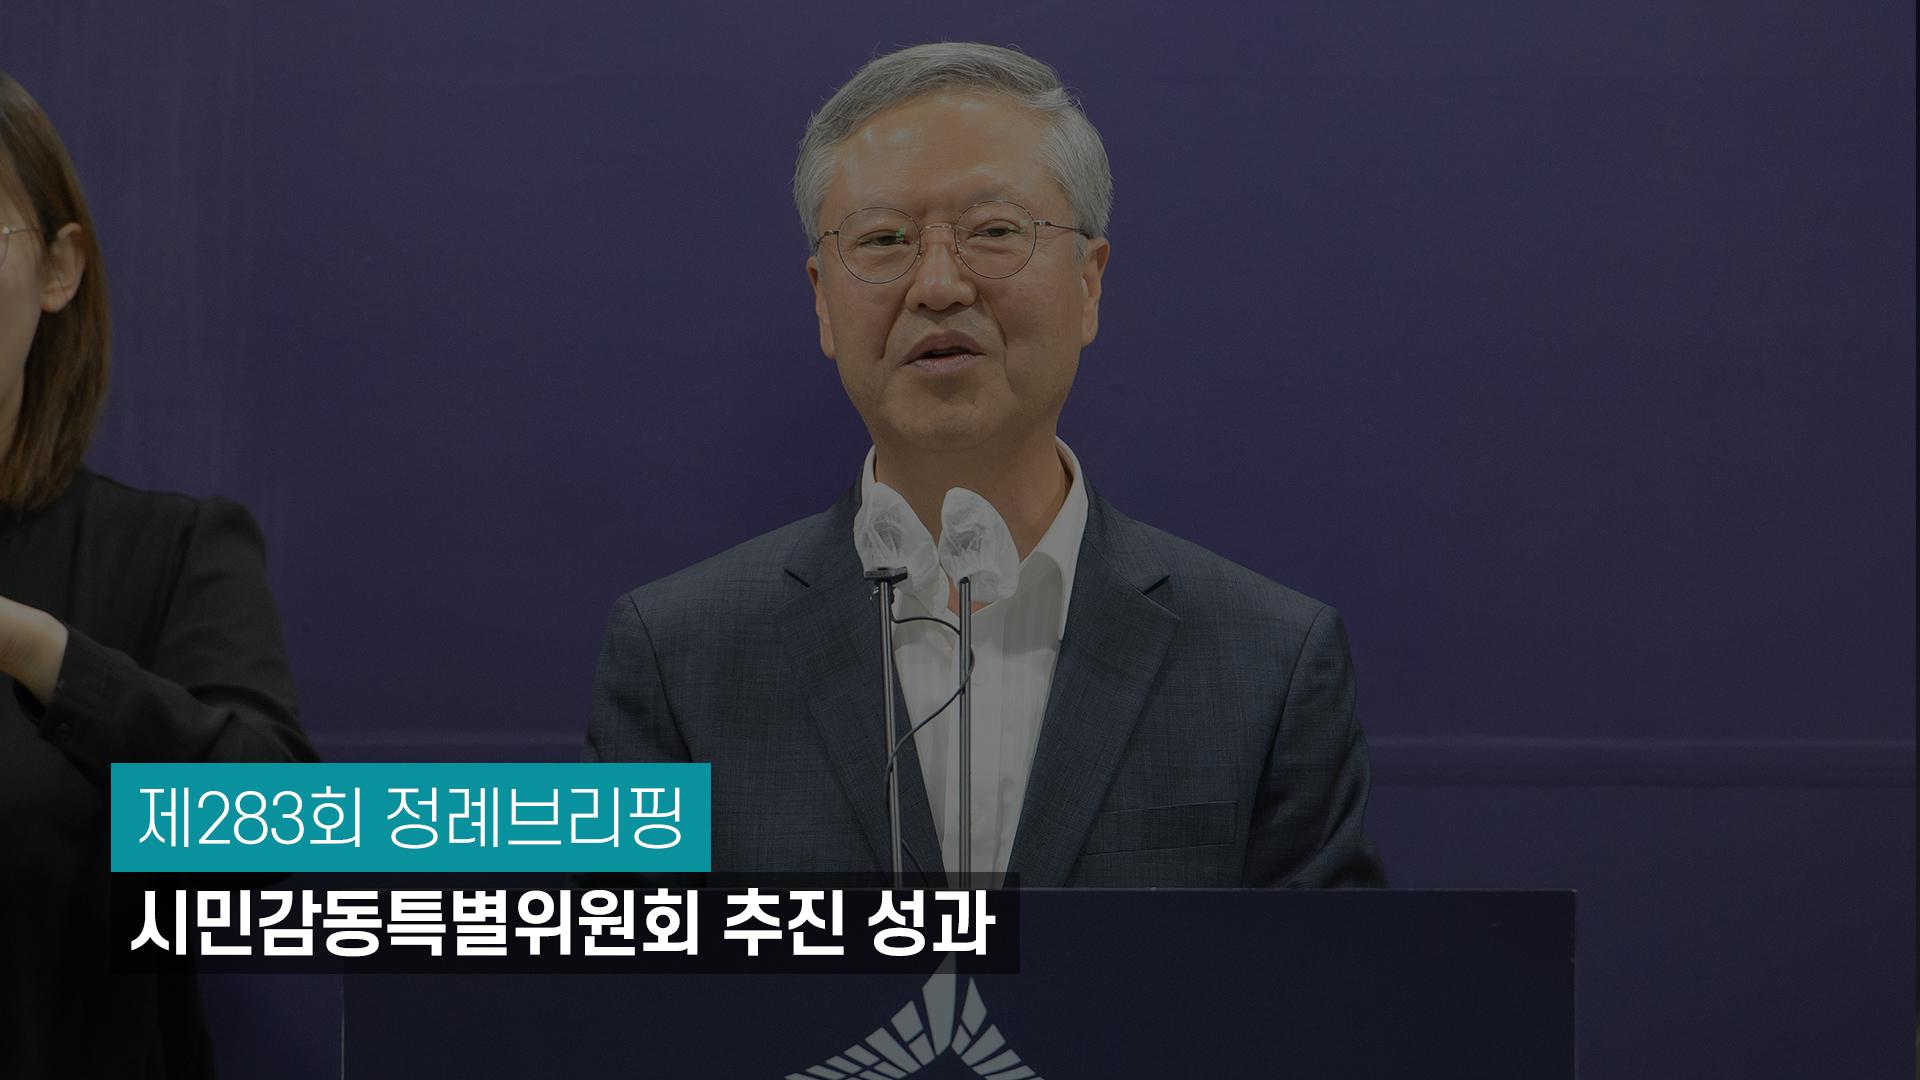 <283번째 정례브리핑> 시민감동특별위원회 추진성과(위원장님)